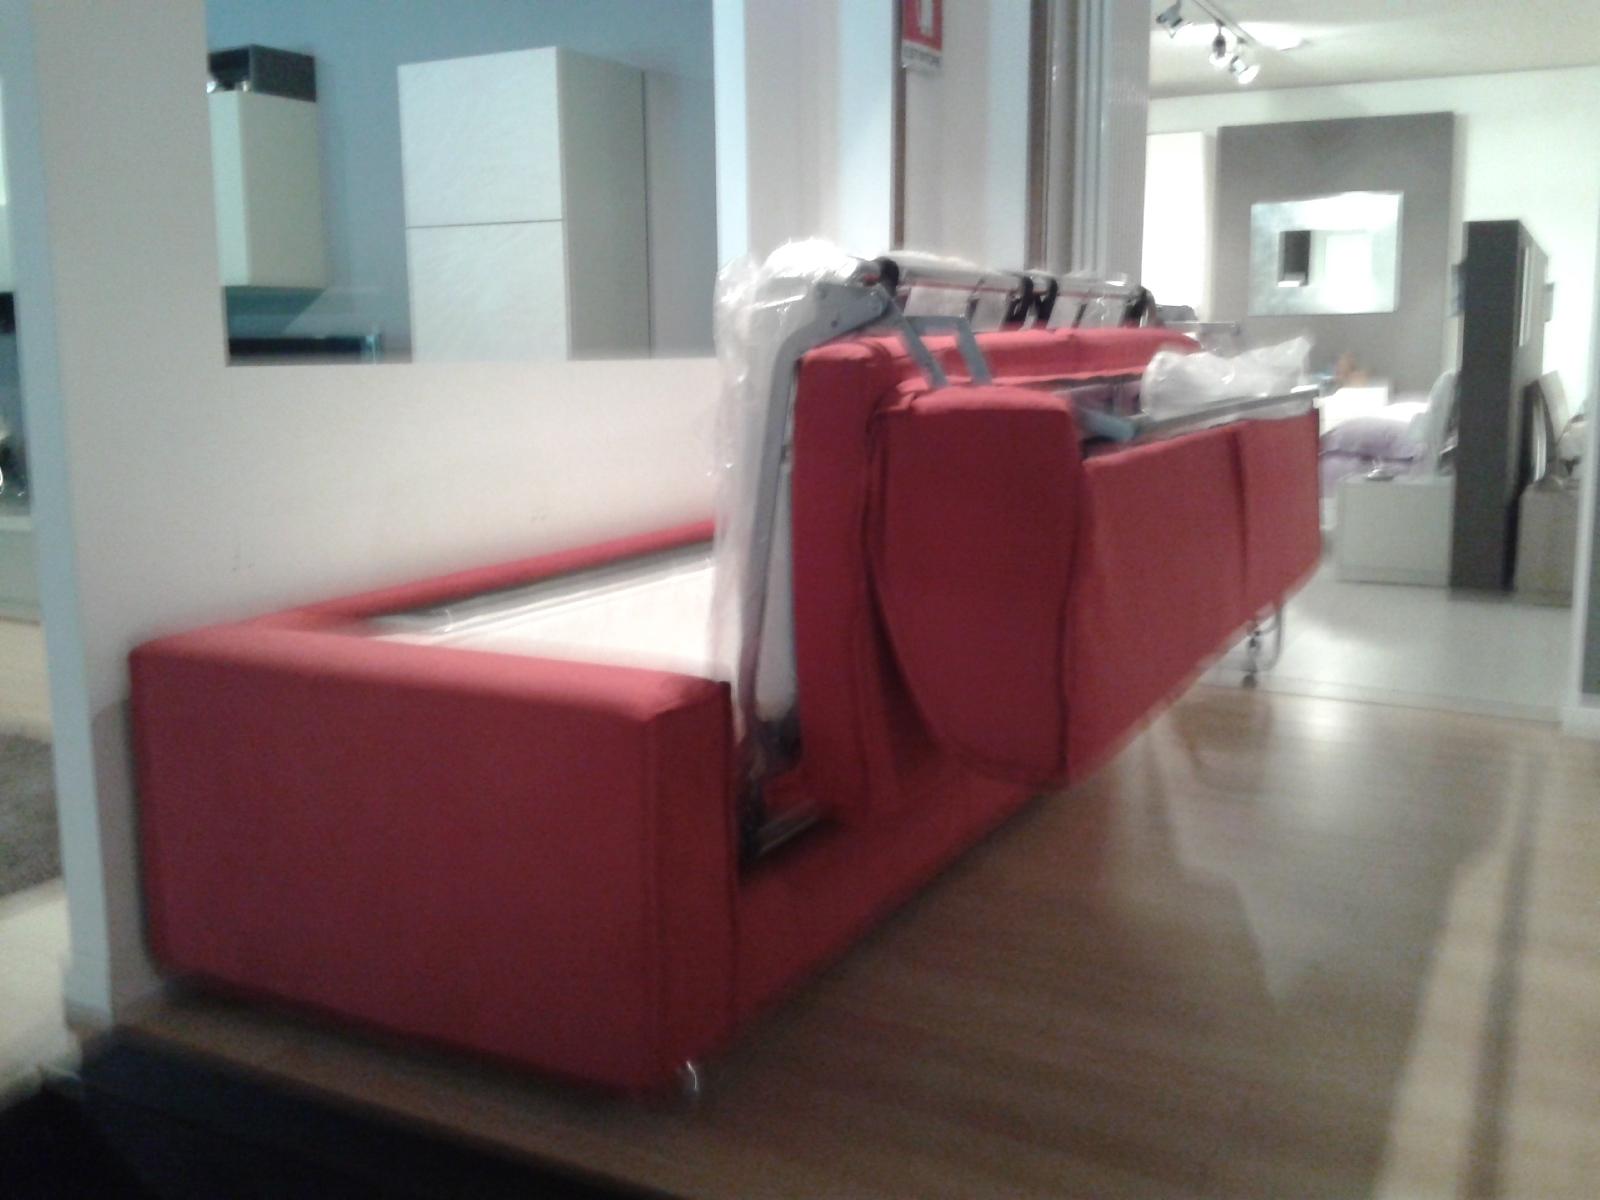 Campeggi divani prezzi disegno idea prezzi divano letto - Divano letto castello prezzi ...